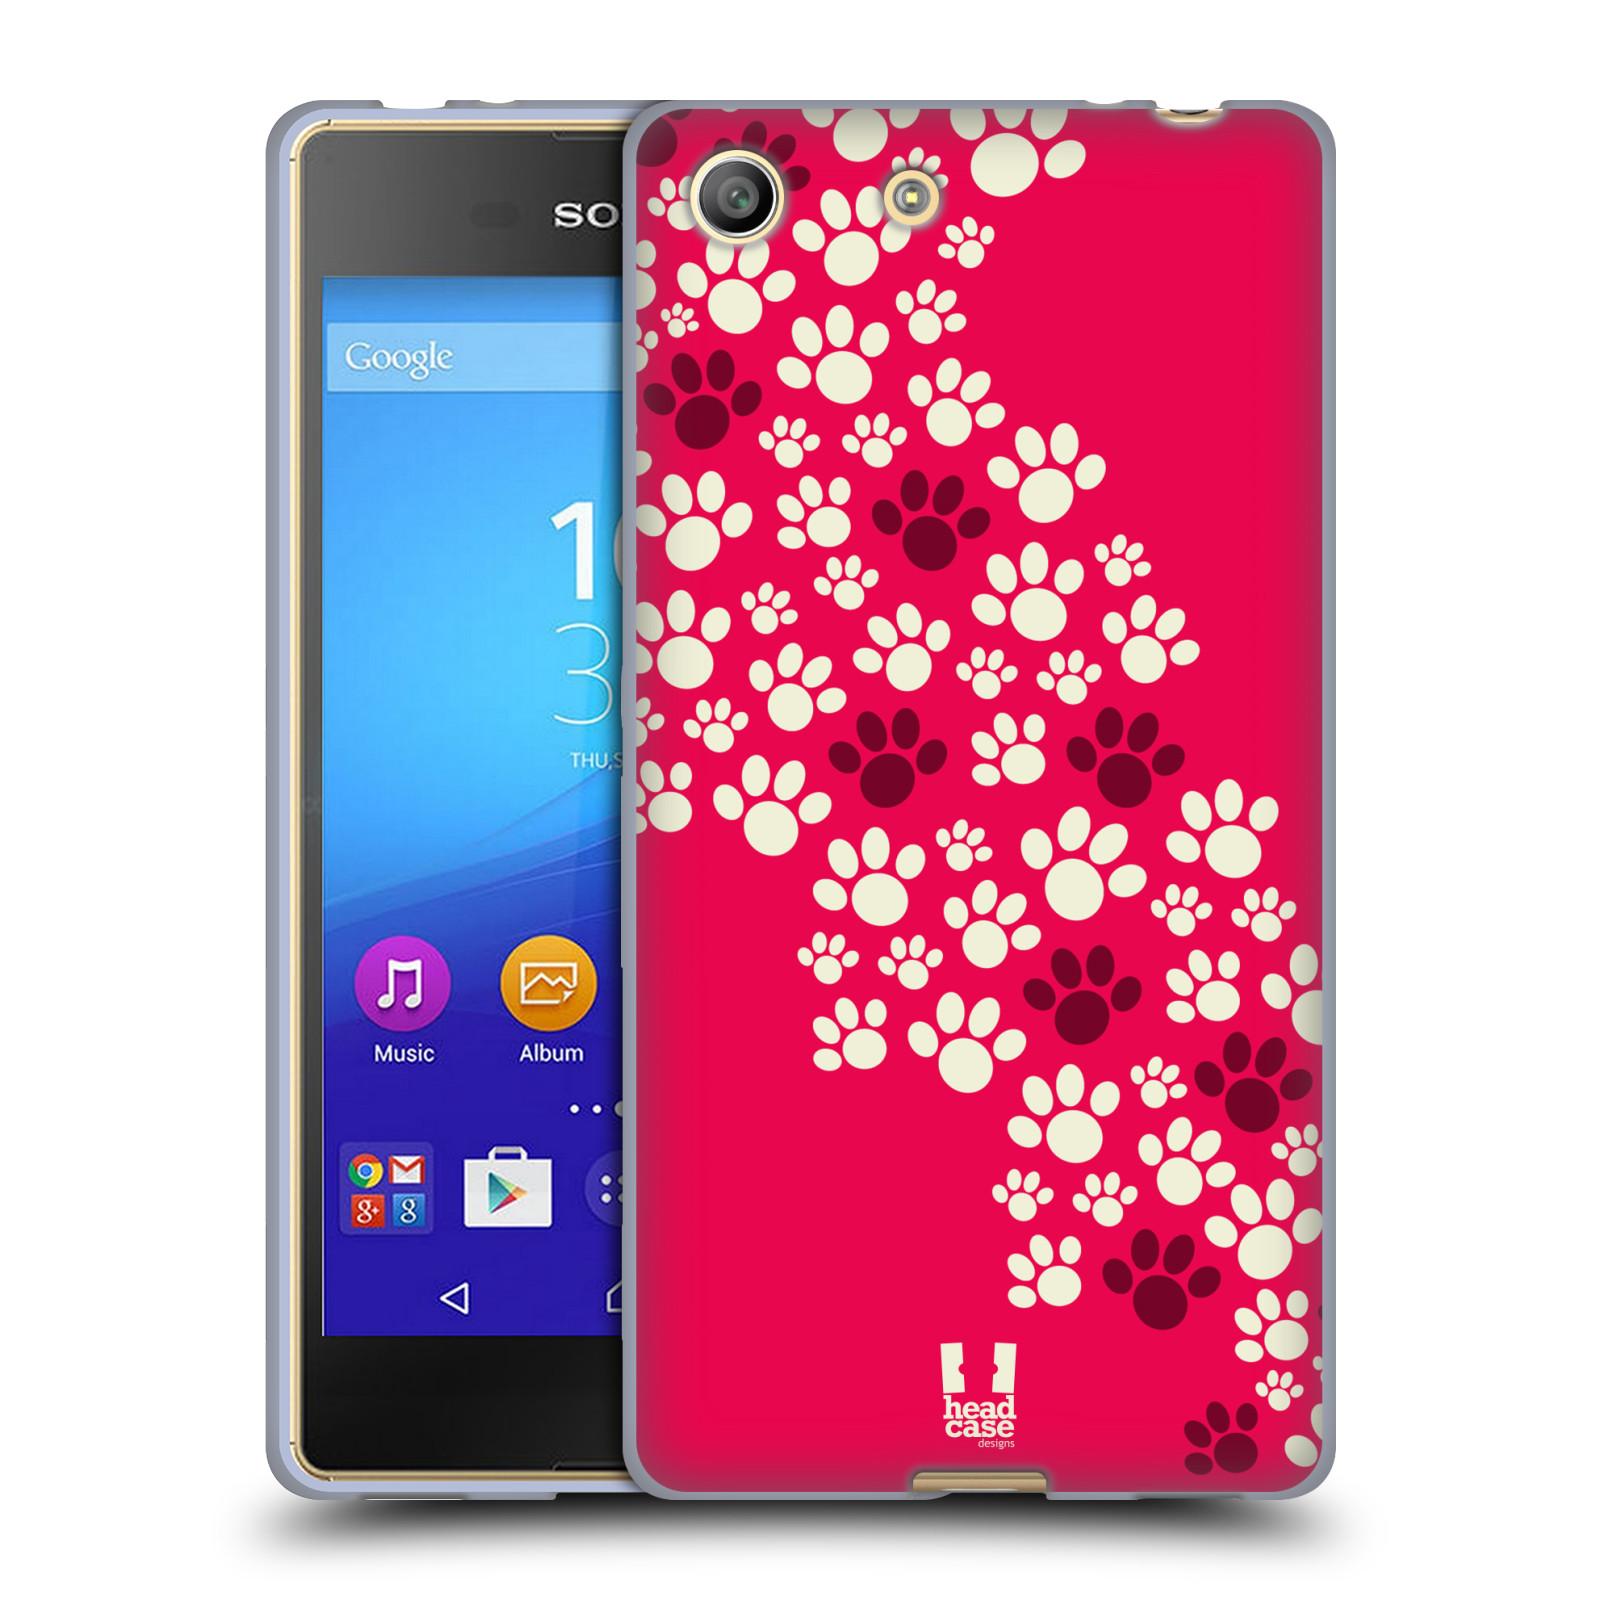 Silikonové pouzdro na mobil Sony Xperia M5 HEAD CASE TLAPKY RŮŽOVÉ (Silikonový kryt či obal na mobilní telefon Sony Xperia M5 Dual SIM / Aqua)